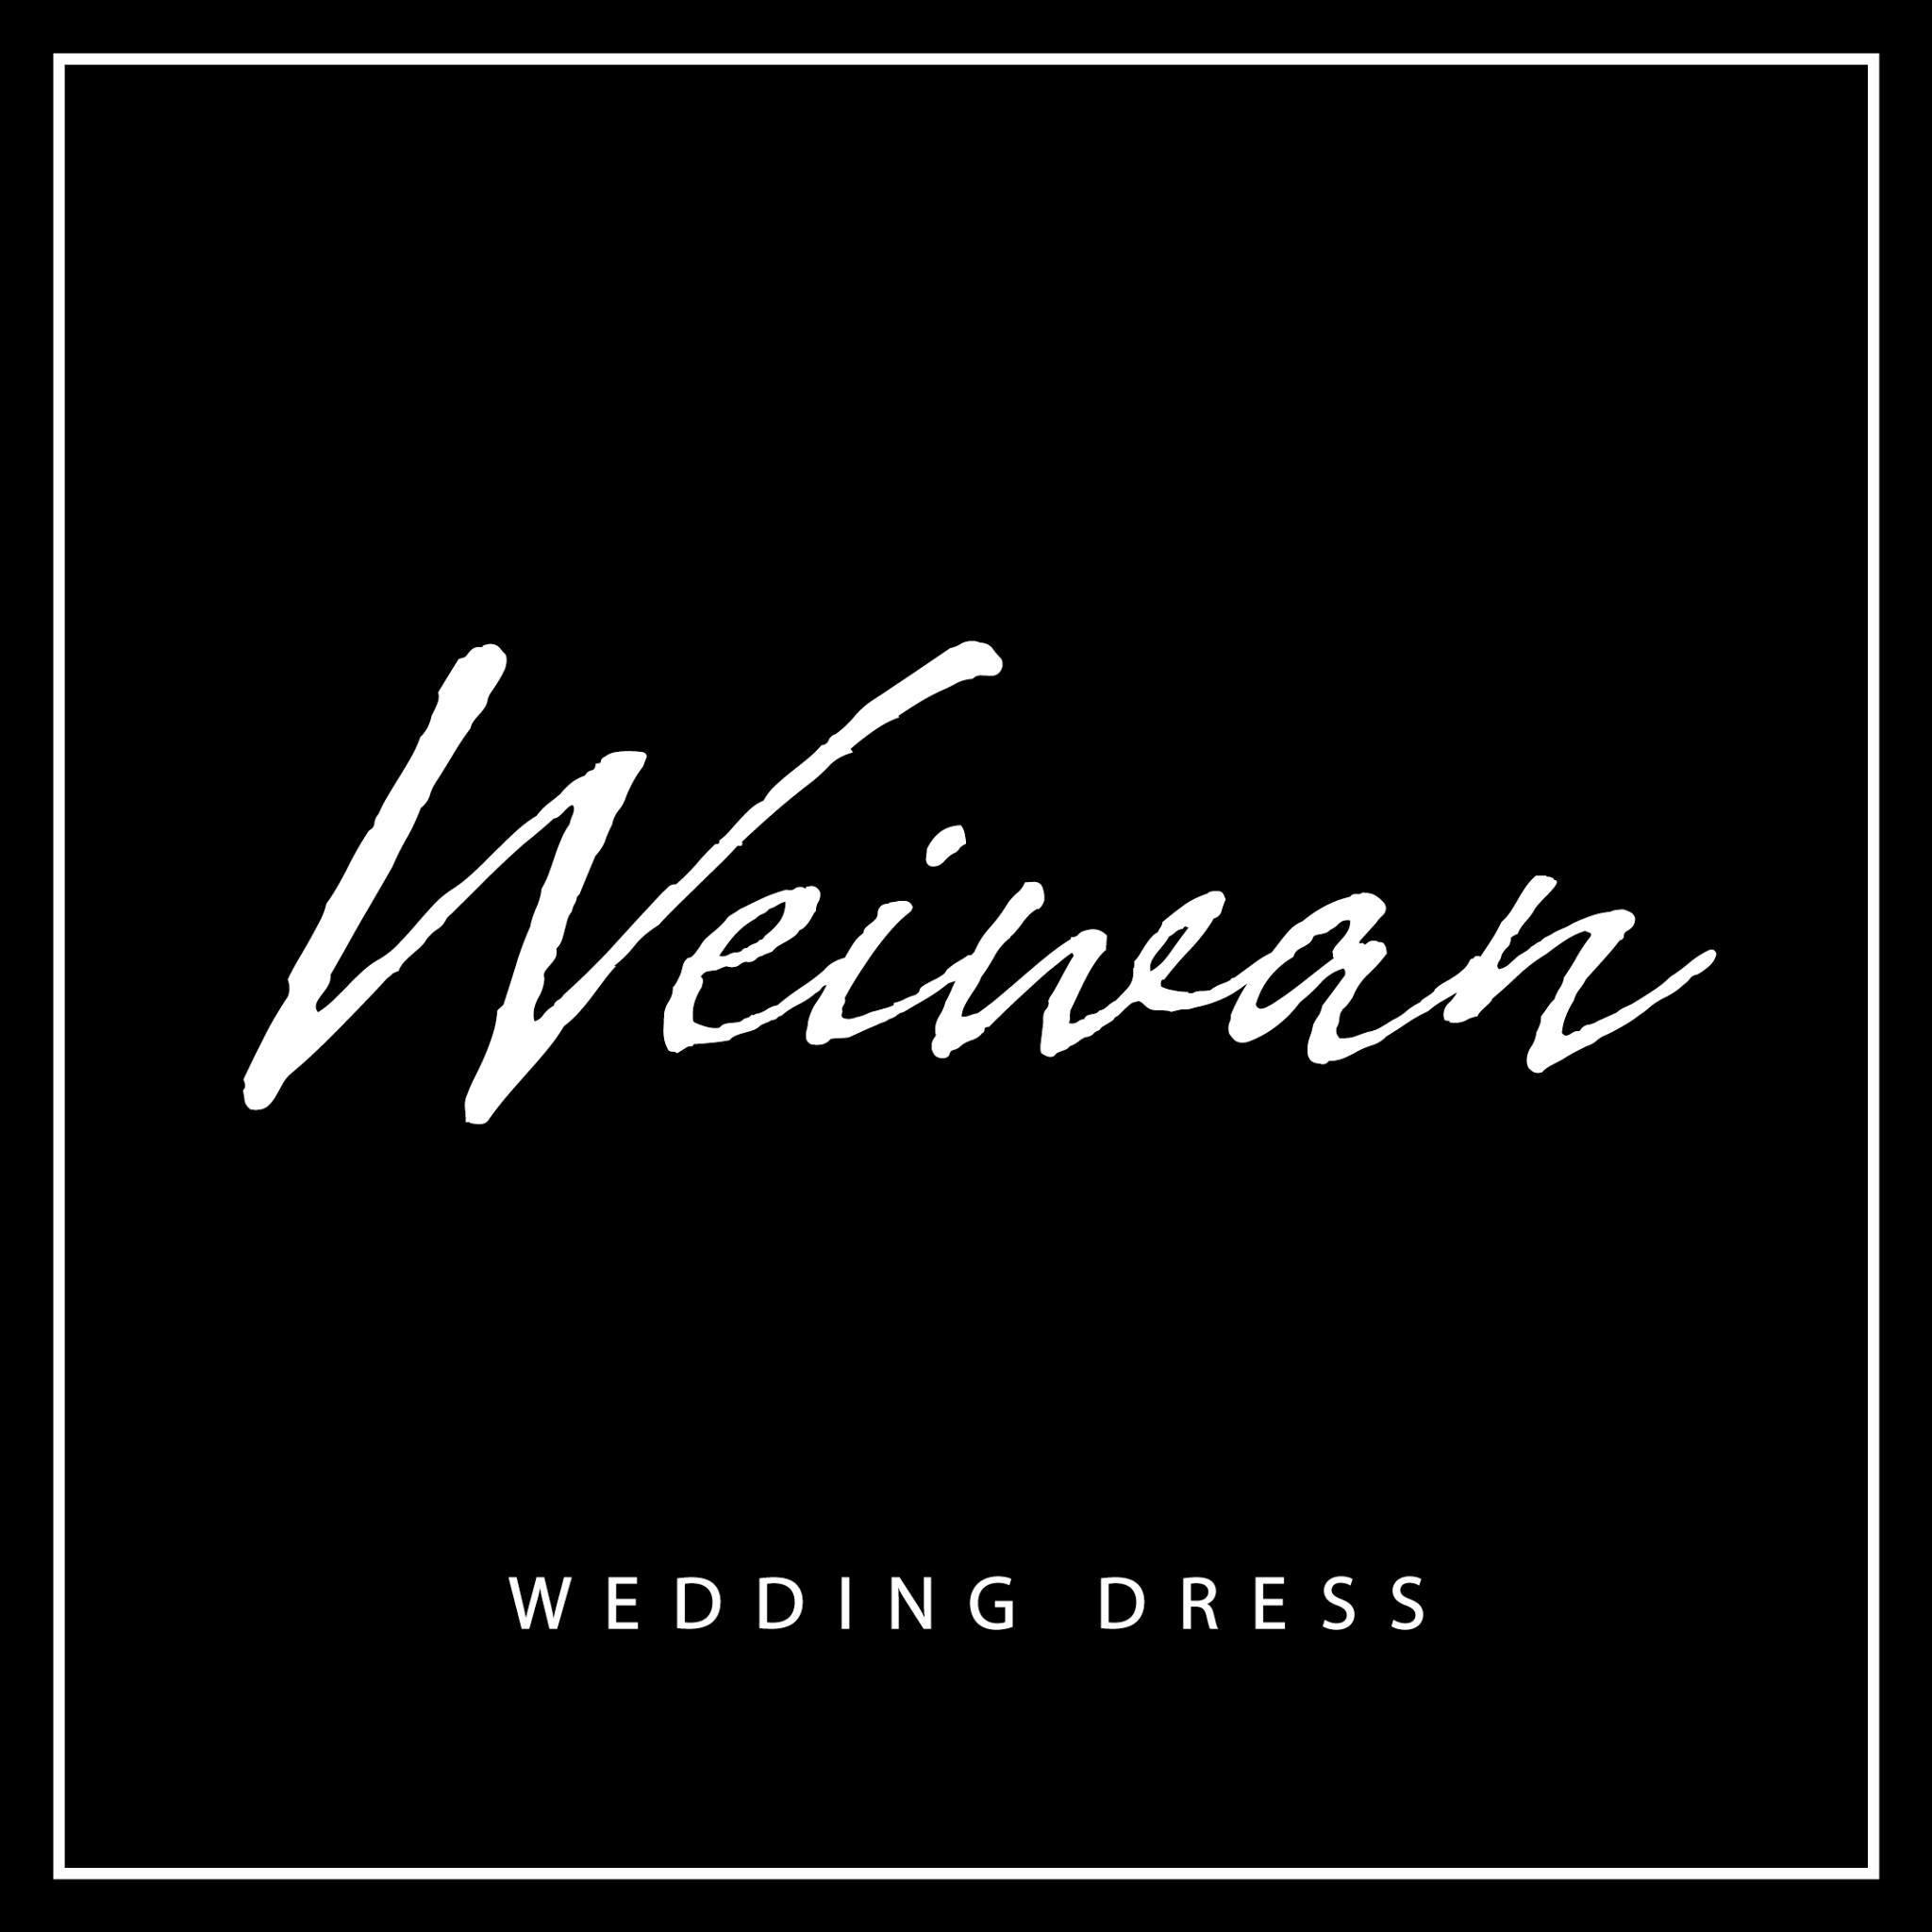 Weiwan 手工禮服 台南婚紗禮服店、西服、捧花廠商